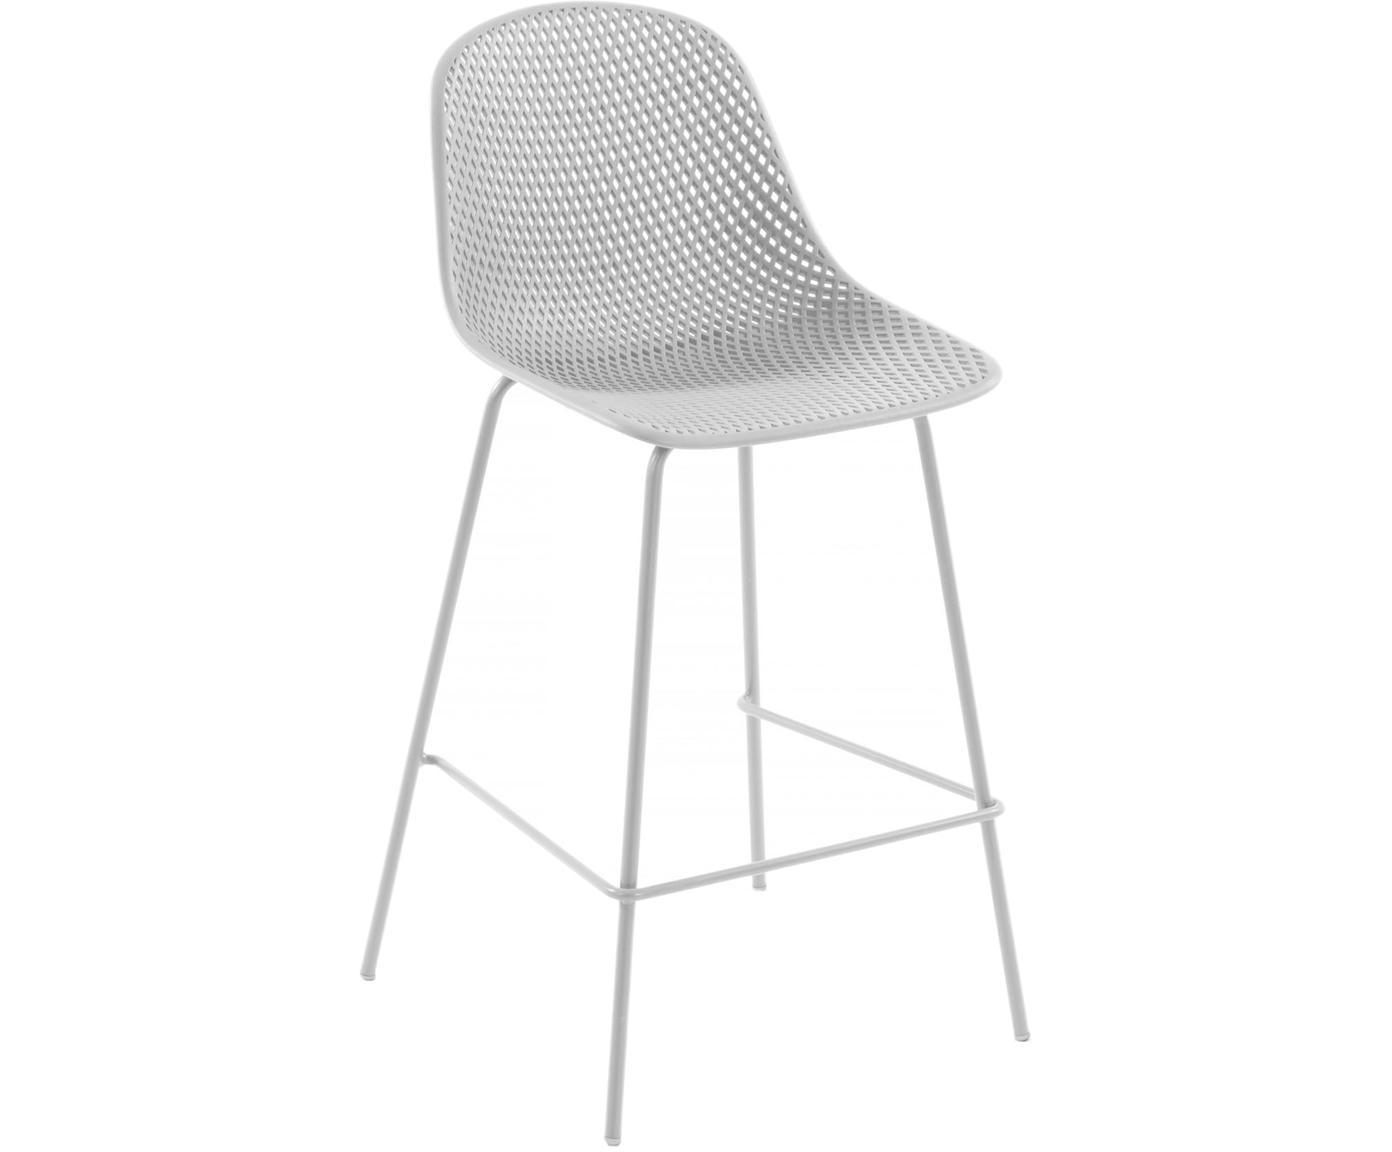 Sgabello da bar in bianco cipria Quinby, Struttura: metallo verniciato, Seduta: materiale sintetico verni, Bianco, Larg. 48 x Alt. 107 cm